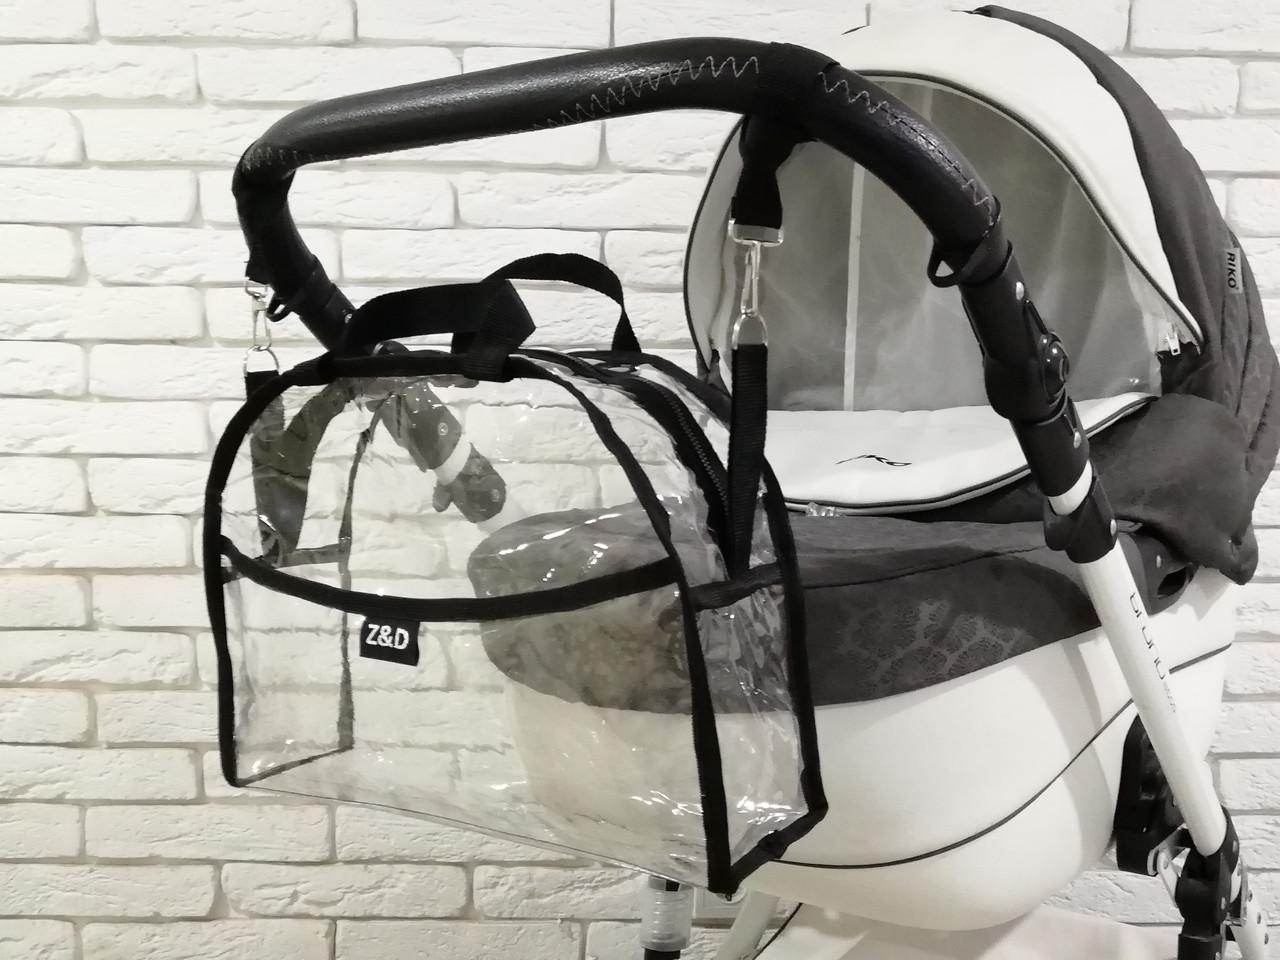 Сумка на коляску универсальная Z&D New с ручкой (Прозрачный)